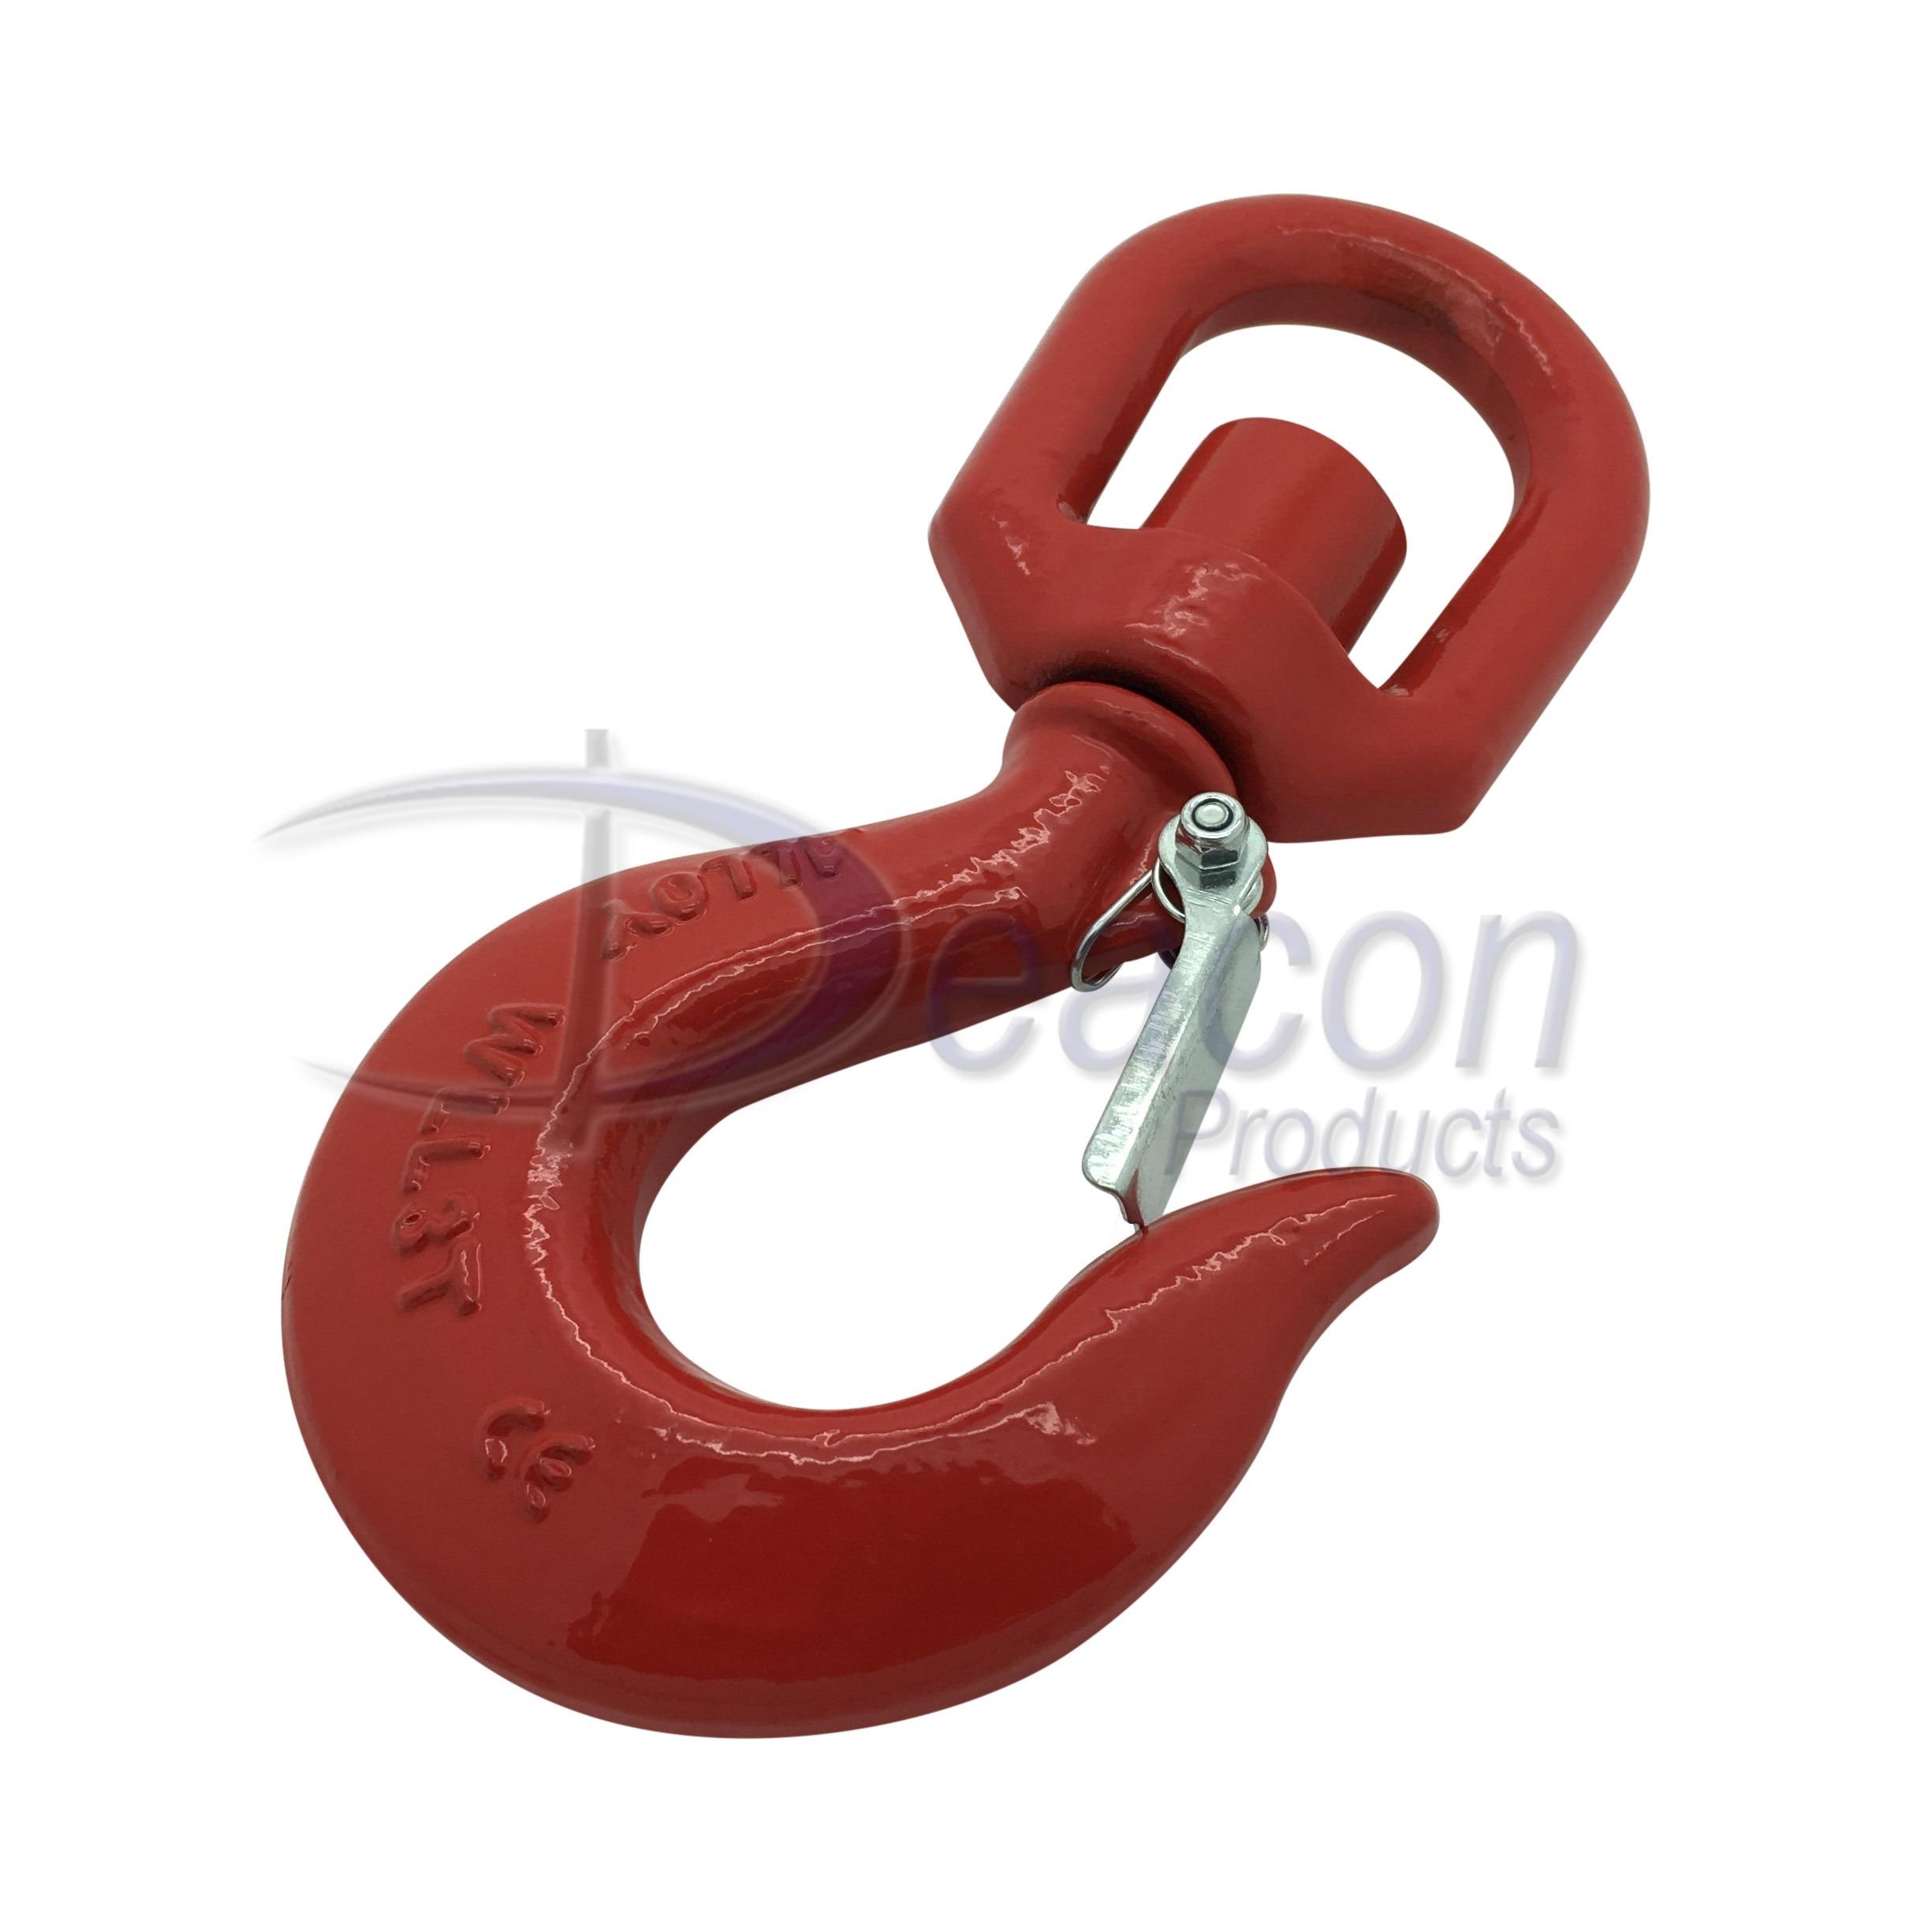 steel-swivel-hook-safety-catch